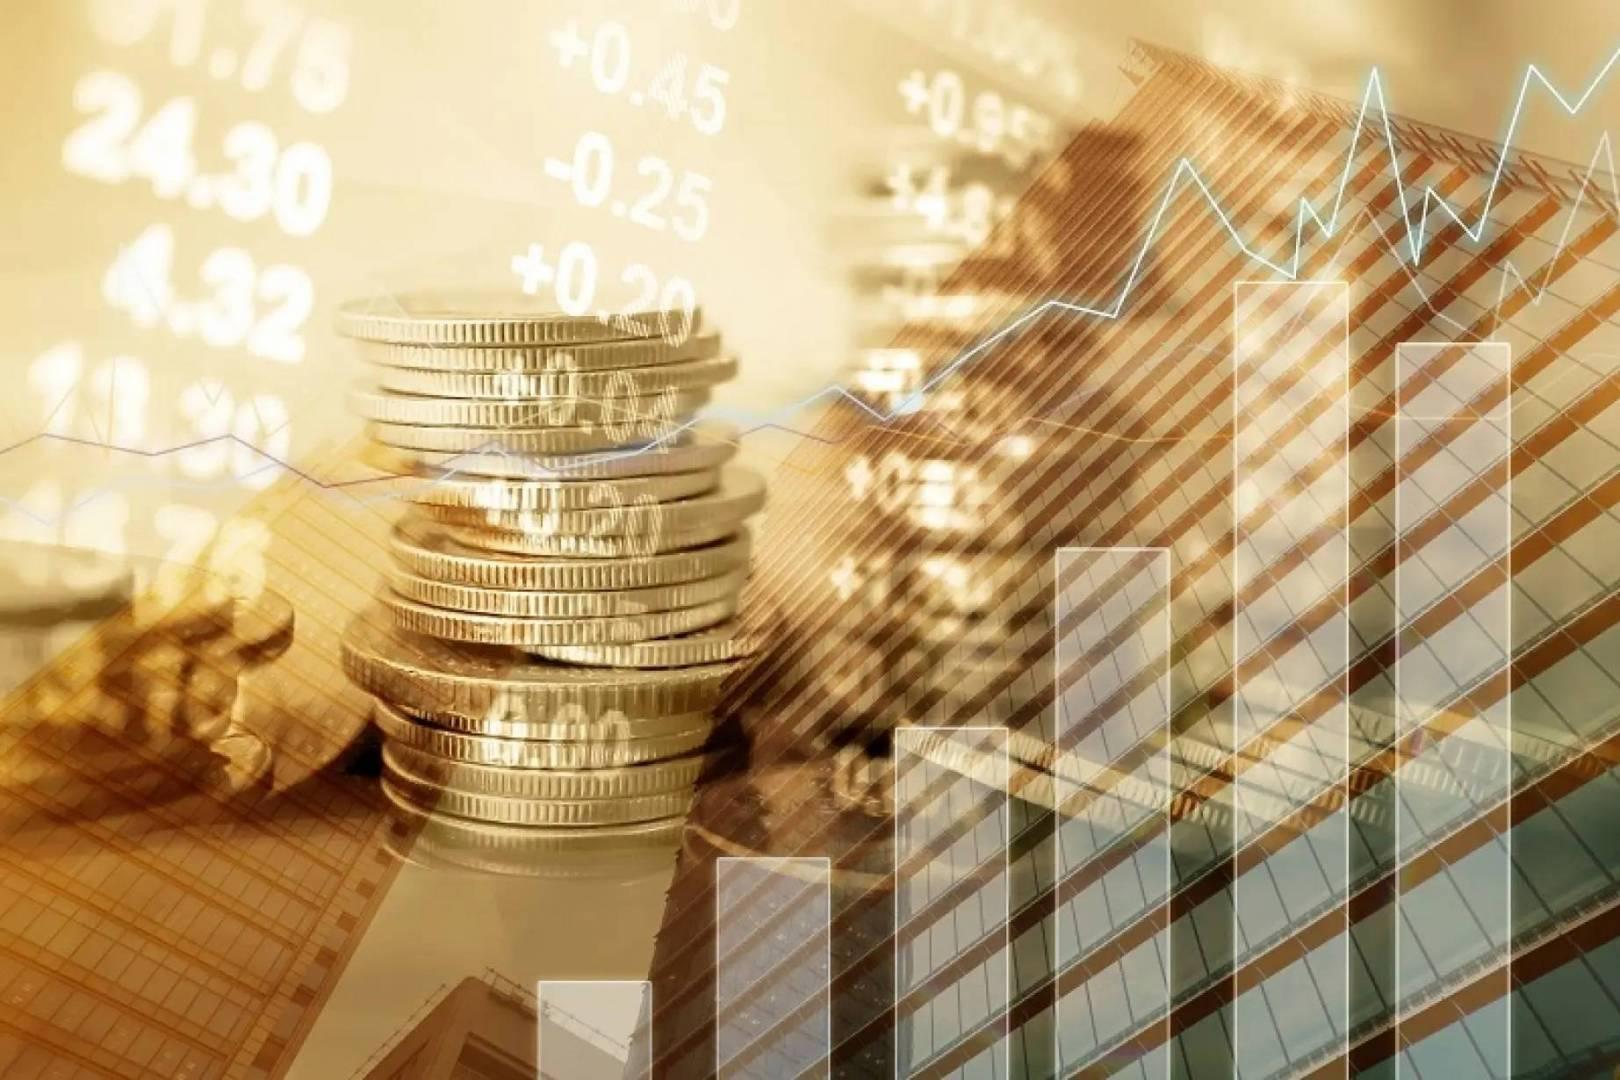 الذهب يربح مع تراجع الدولار والتوقعات الاقتصادية تدعم الإقبال